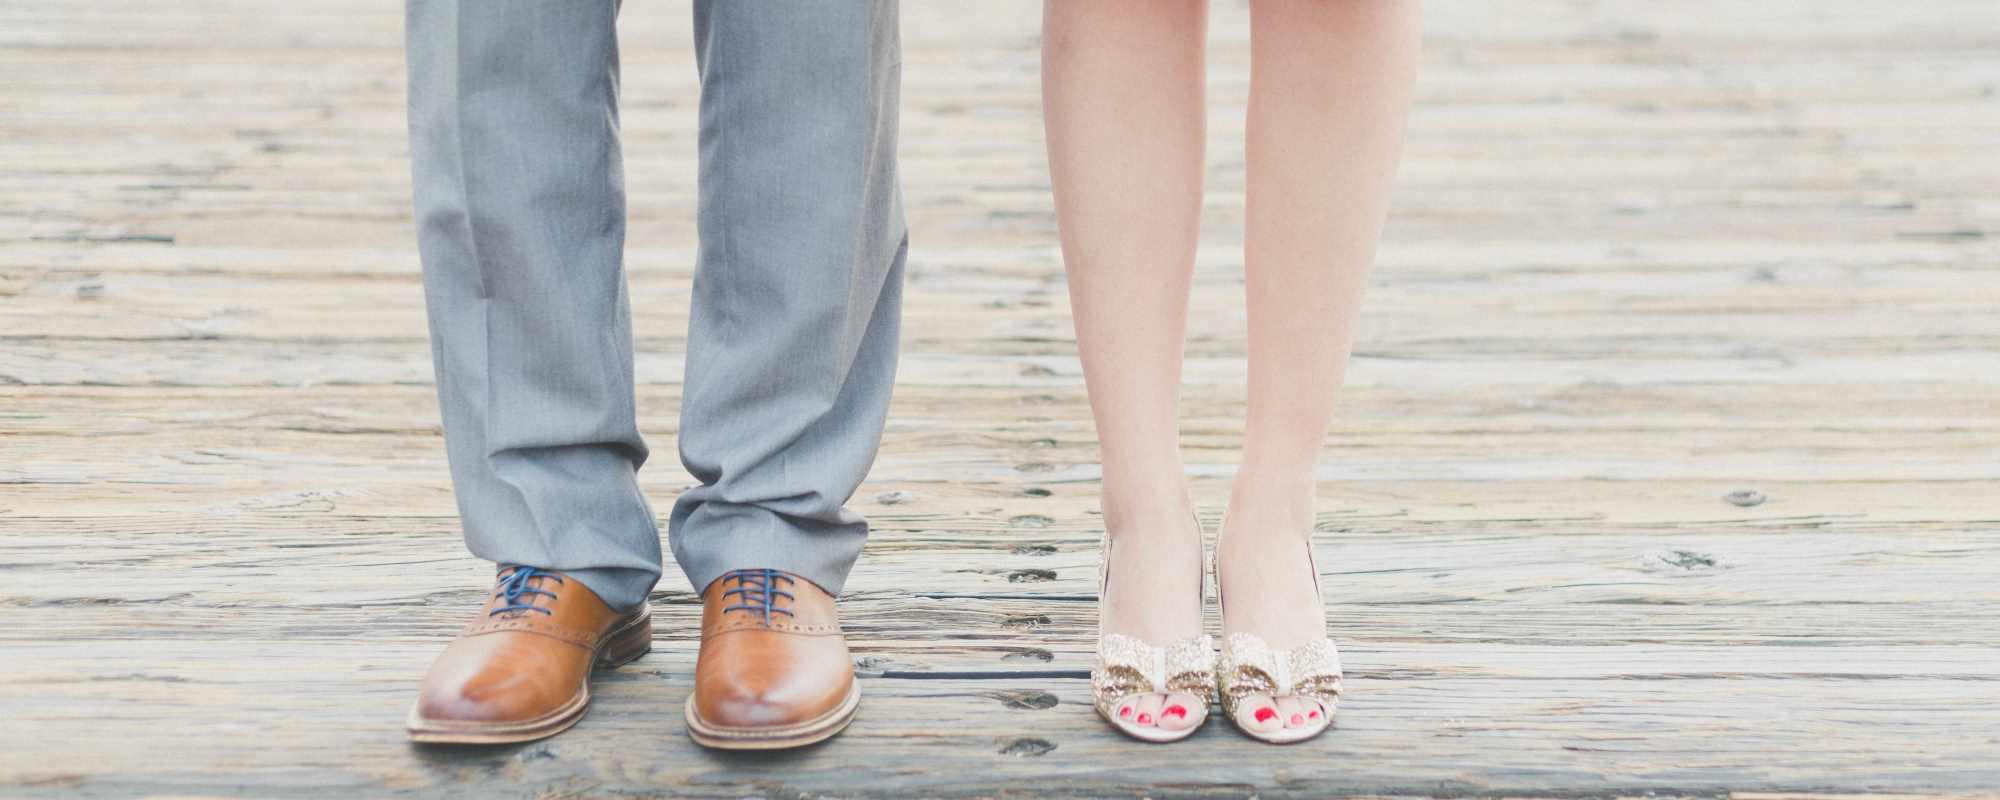 Klassische Ideen für das erste Date: